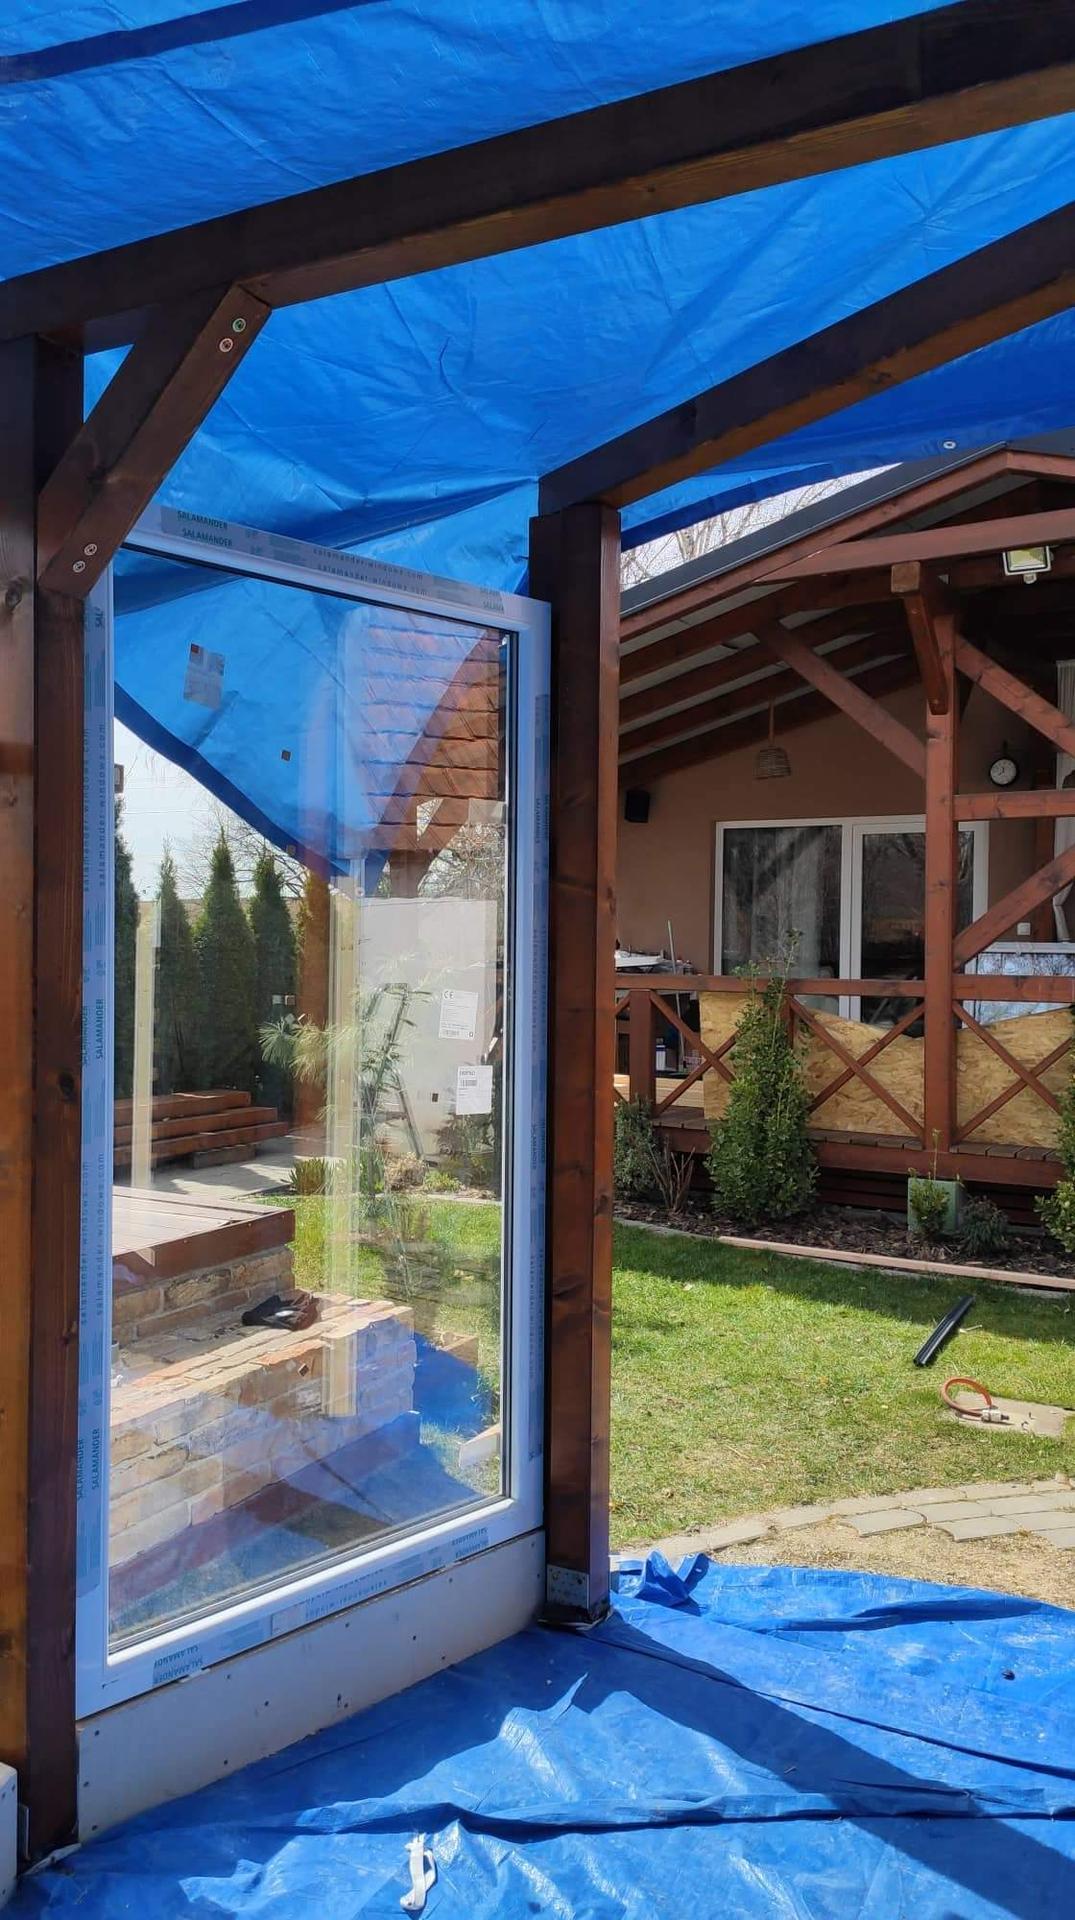 Relaxačný domček sauna a oddychová miestnosť ... plány, príprava a realizácia - Obrázok č. 80